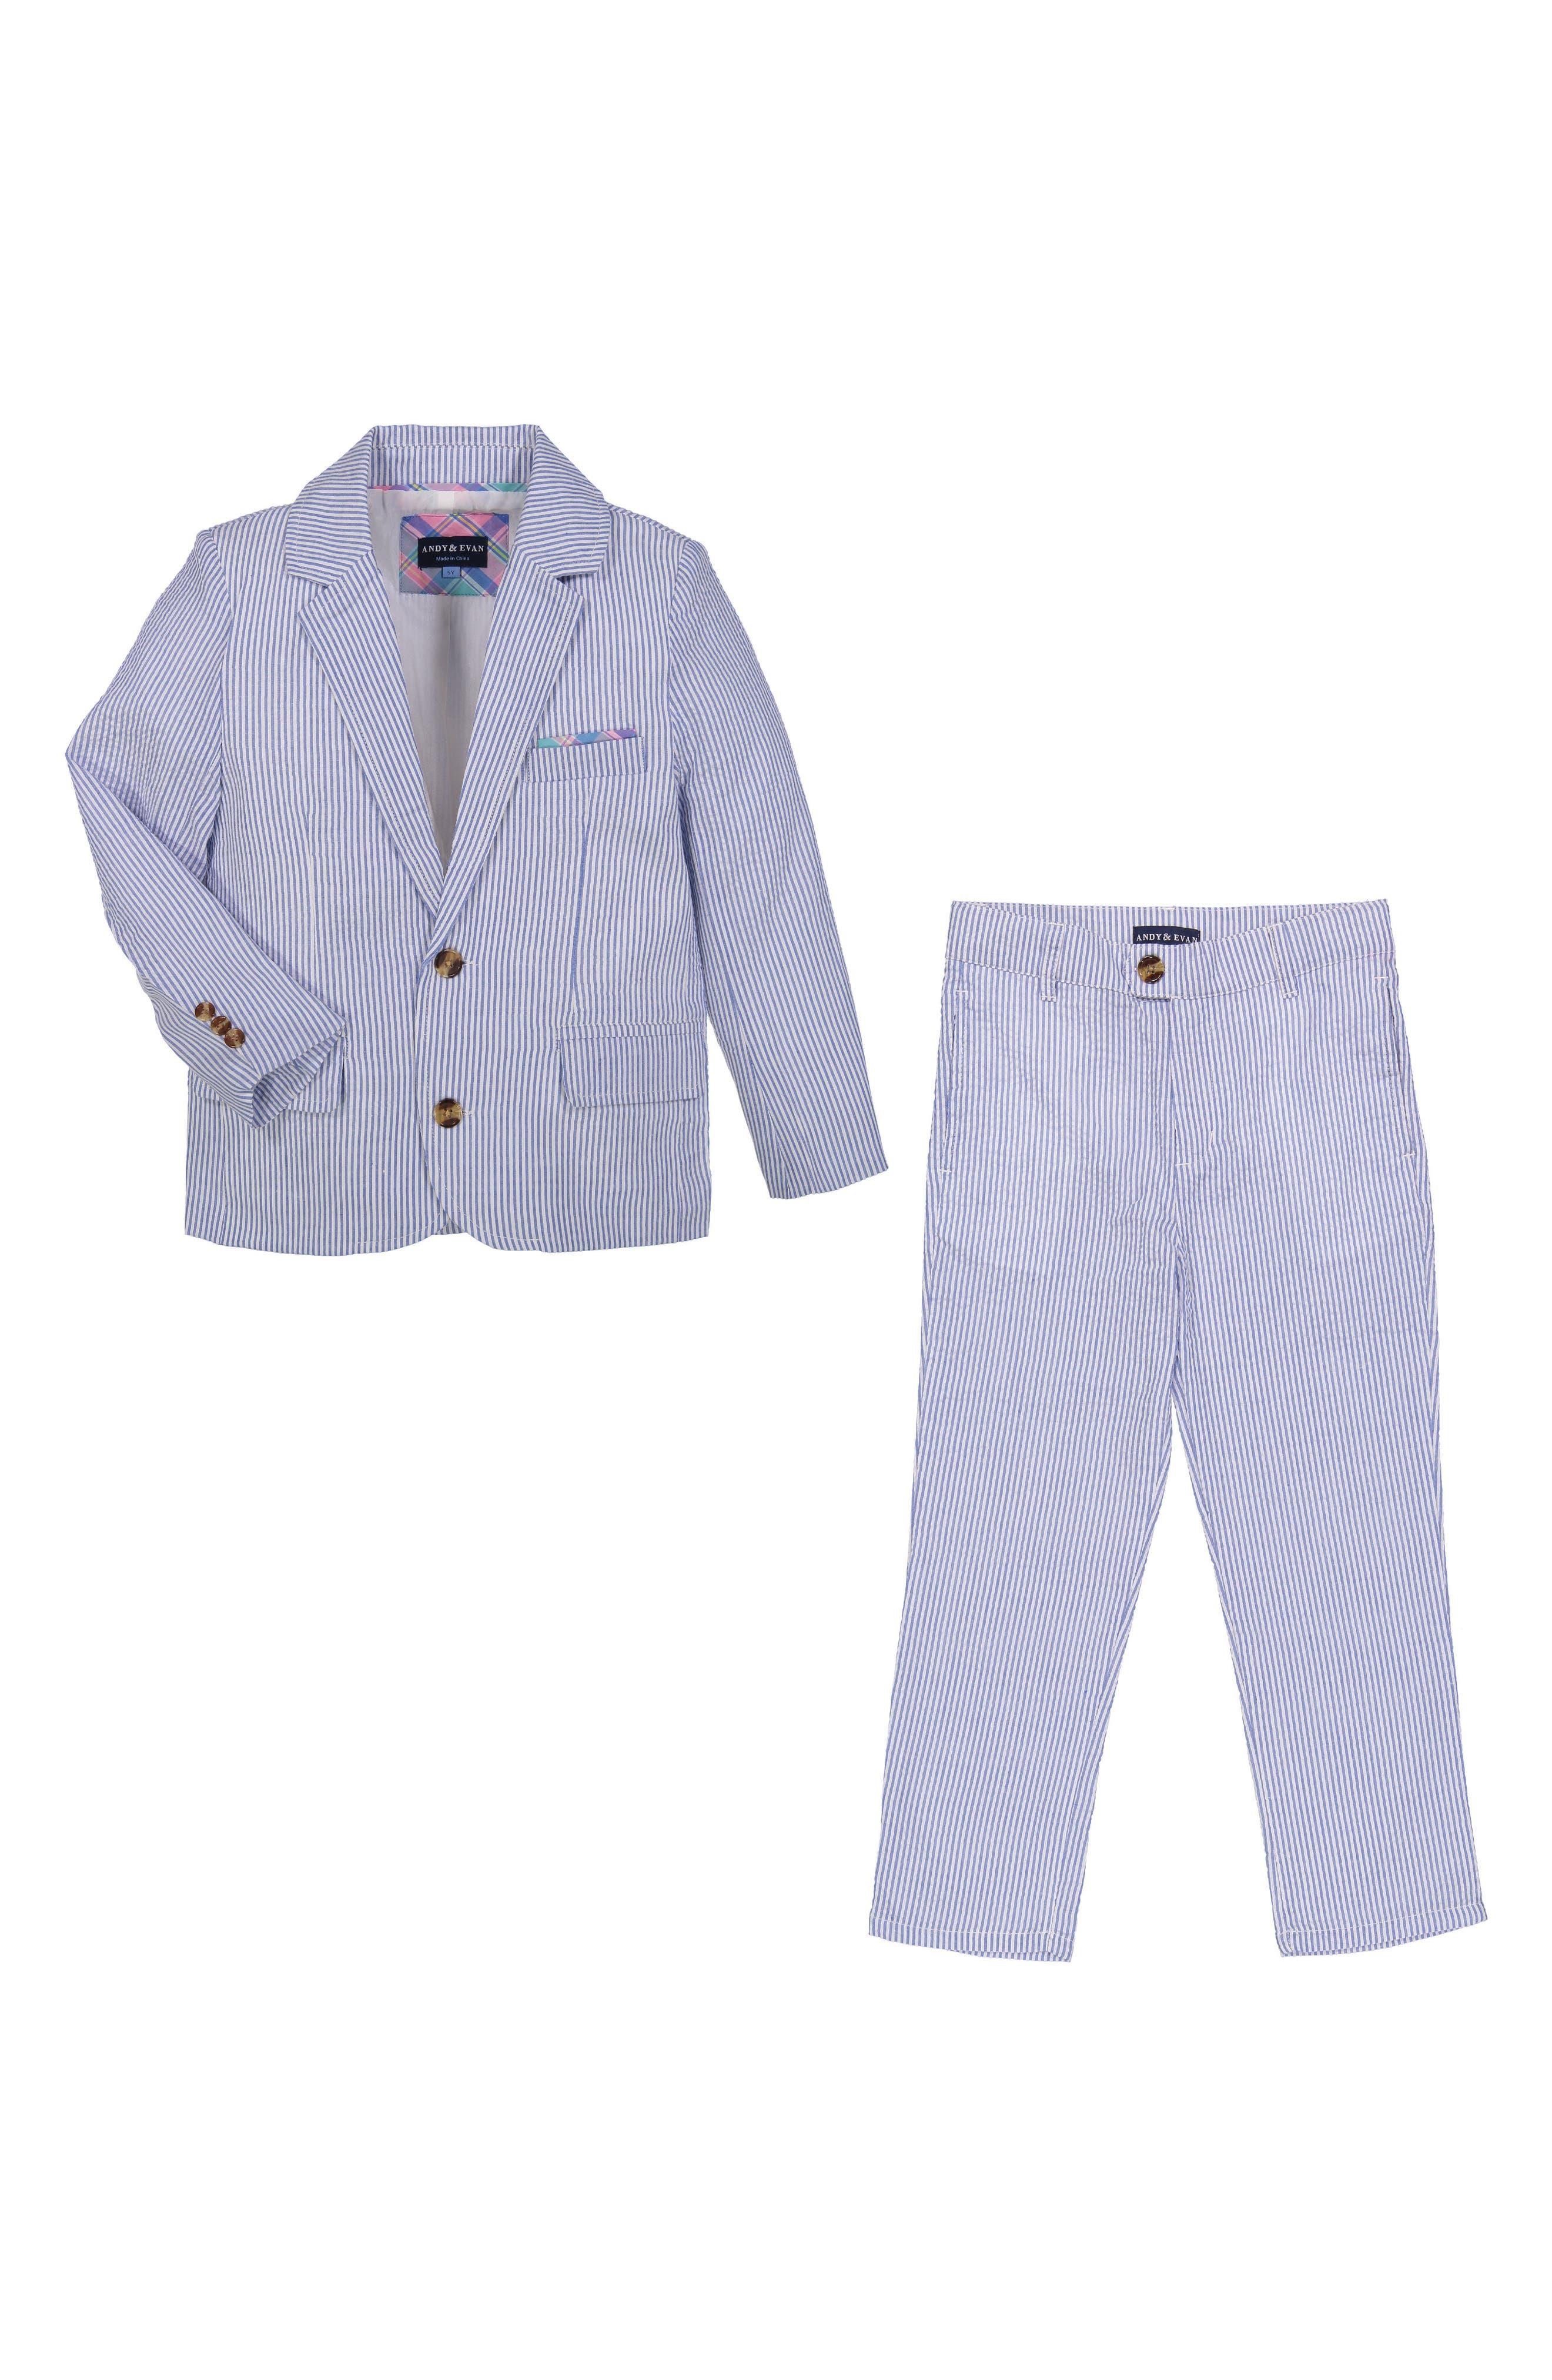 Seersucker Suit Set,                         Main,                         color, 452